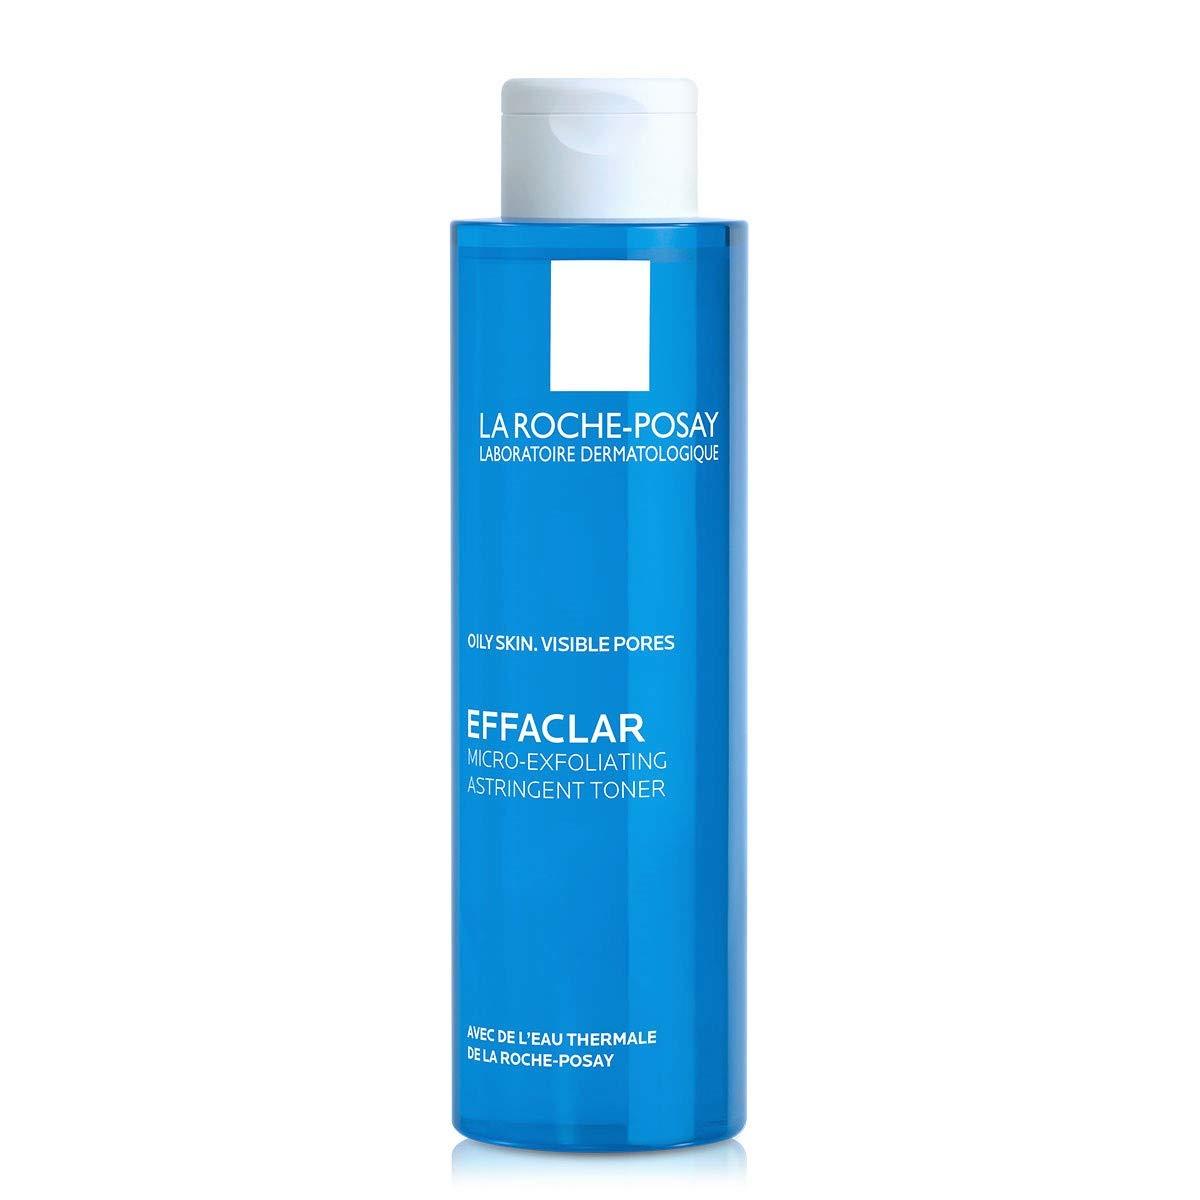 La Roche-Posay Effaclar Astringent Face Toner for Oily Skin, 6.76 Fl. Oz. by La Roche-Posay